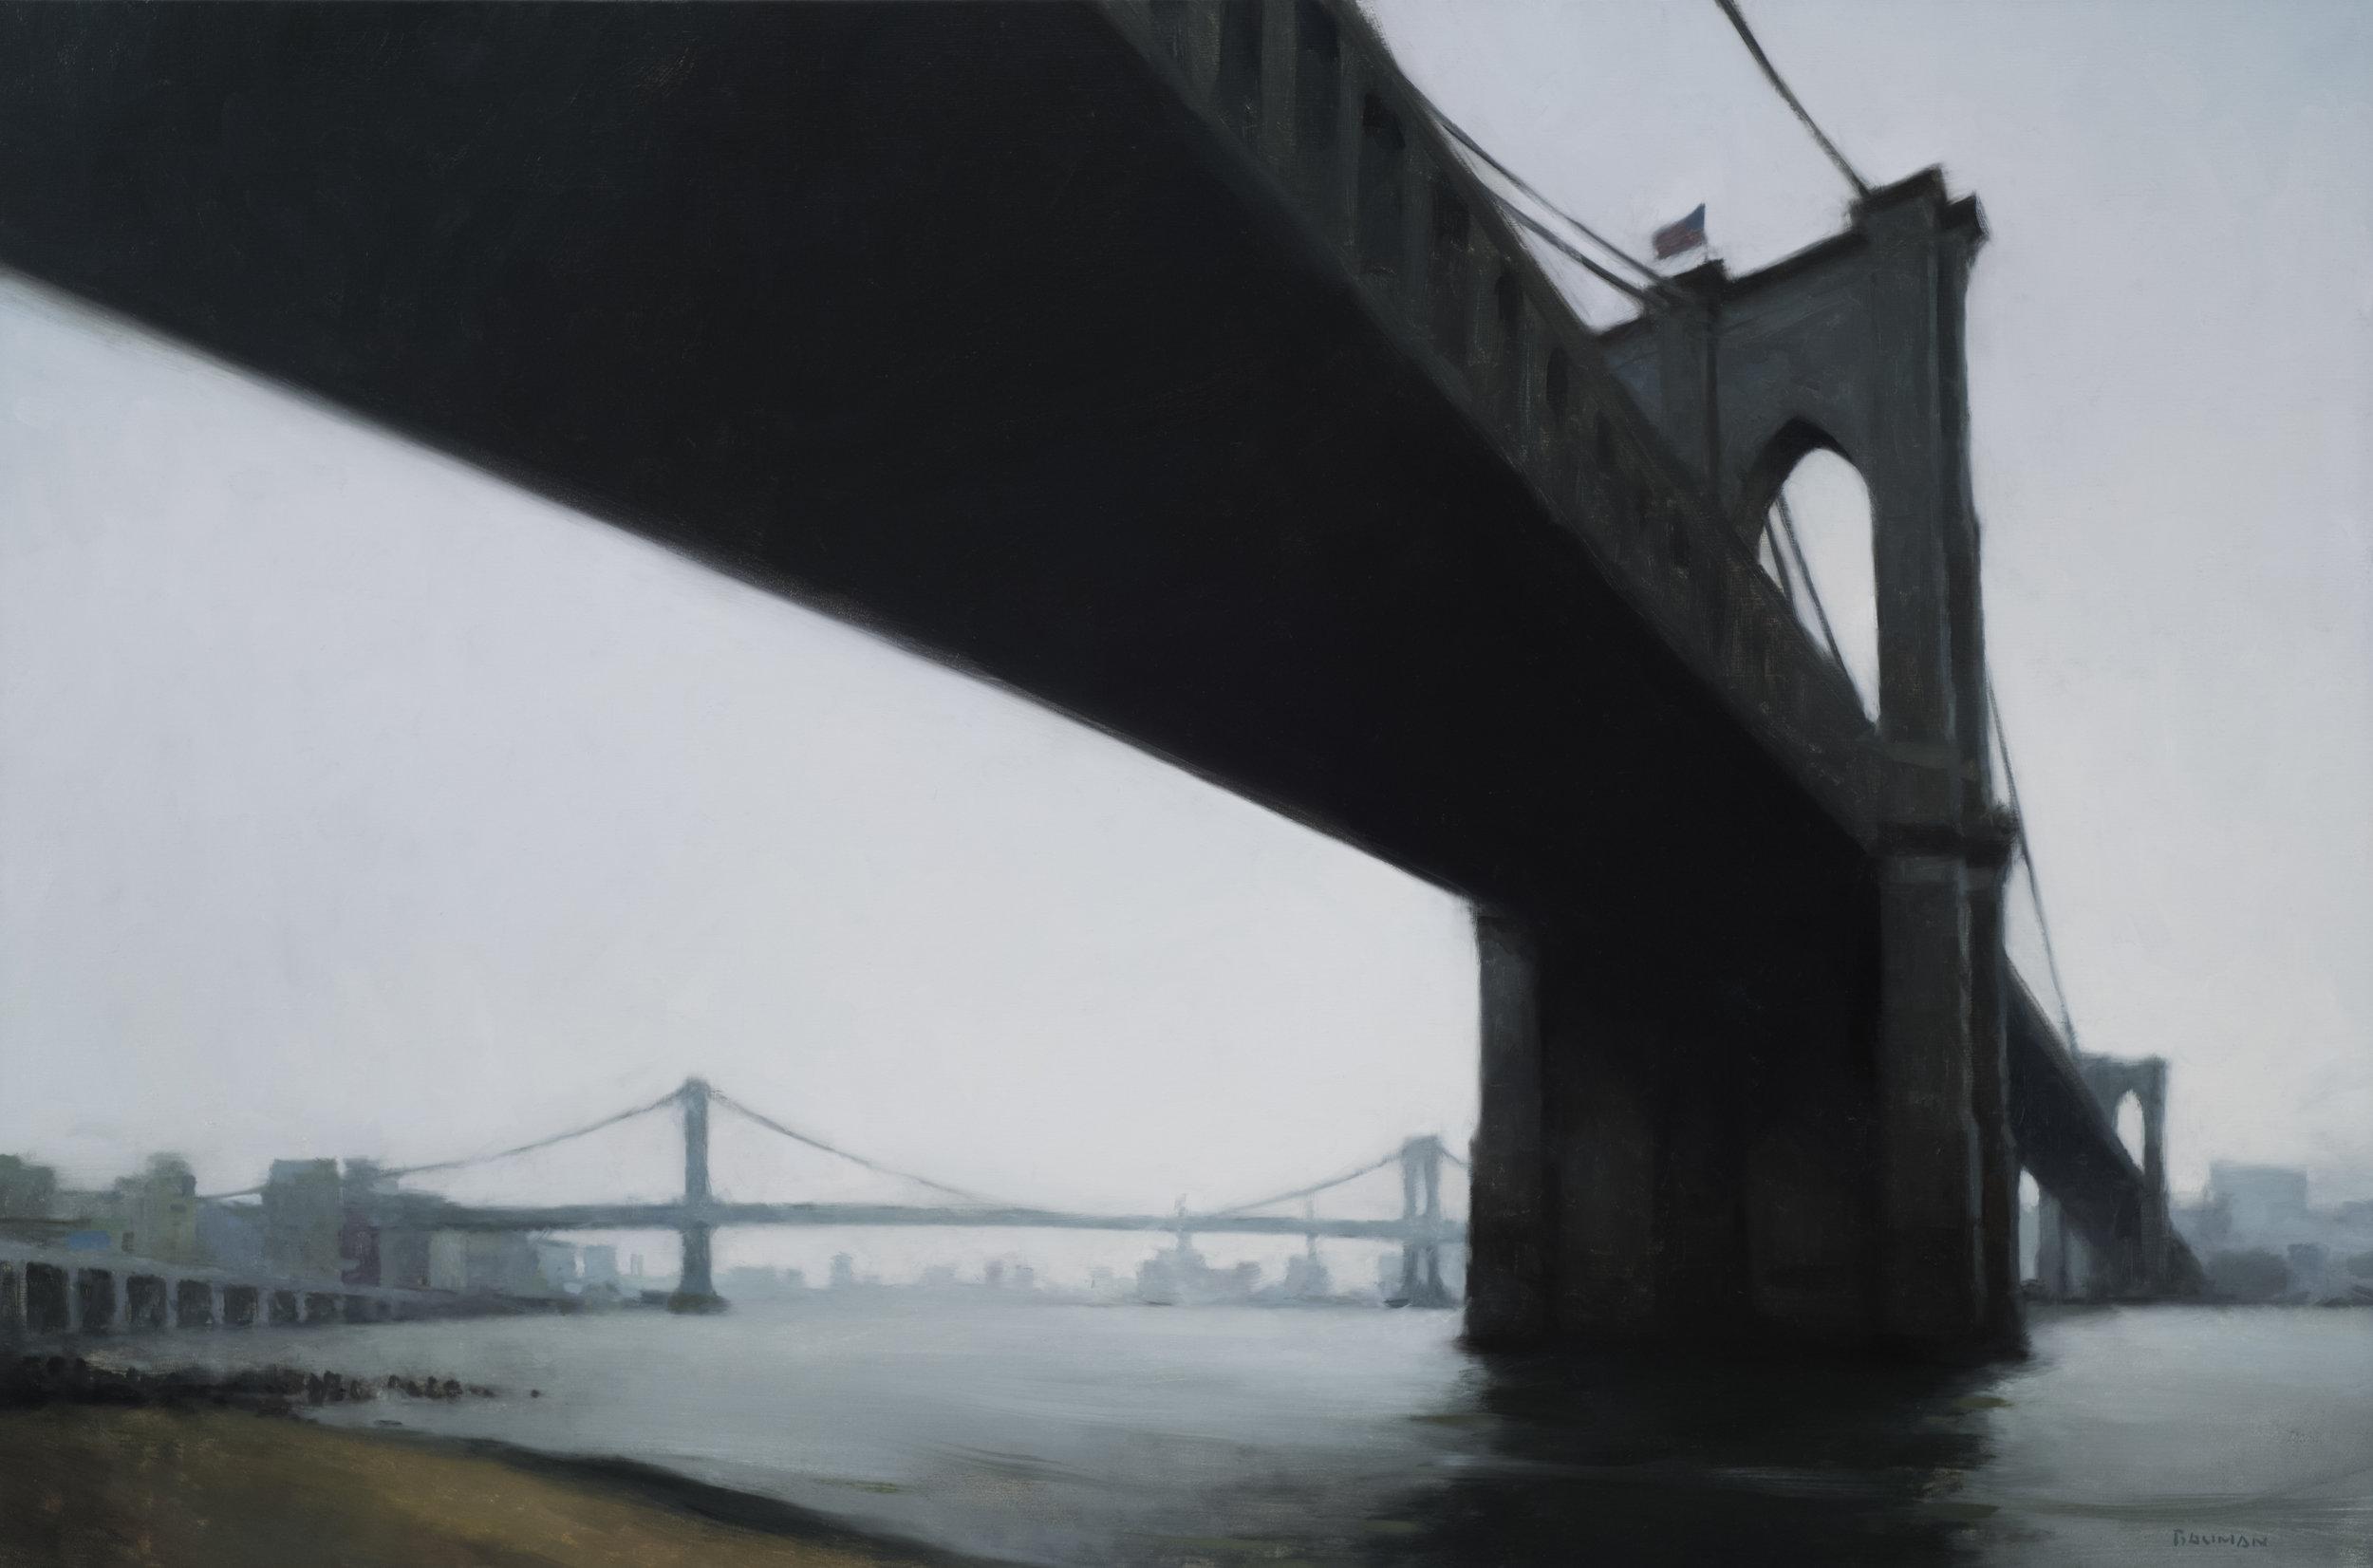 East River, Overcast, 2018